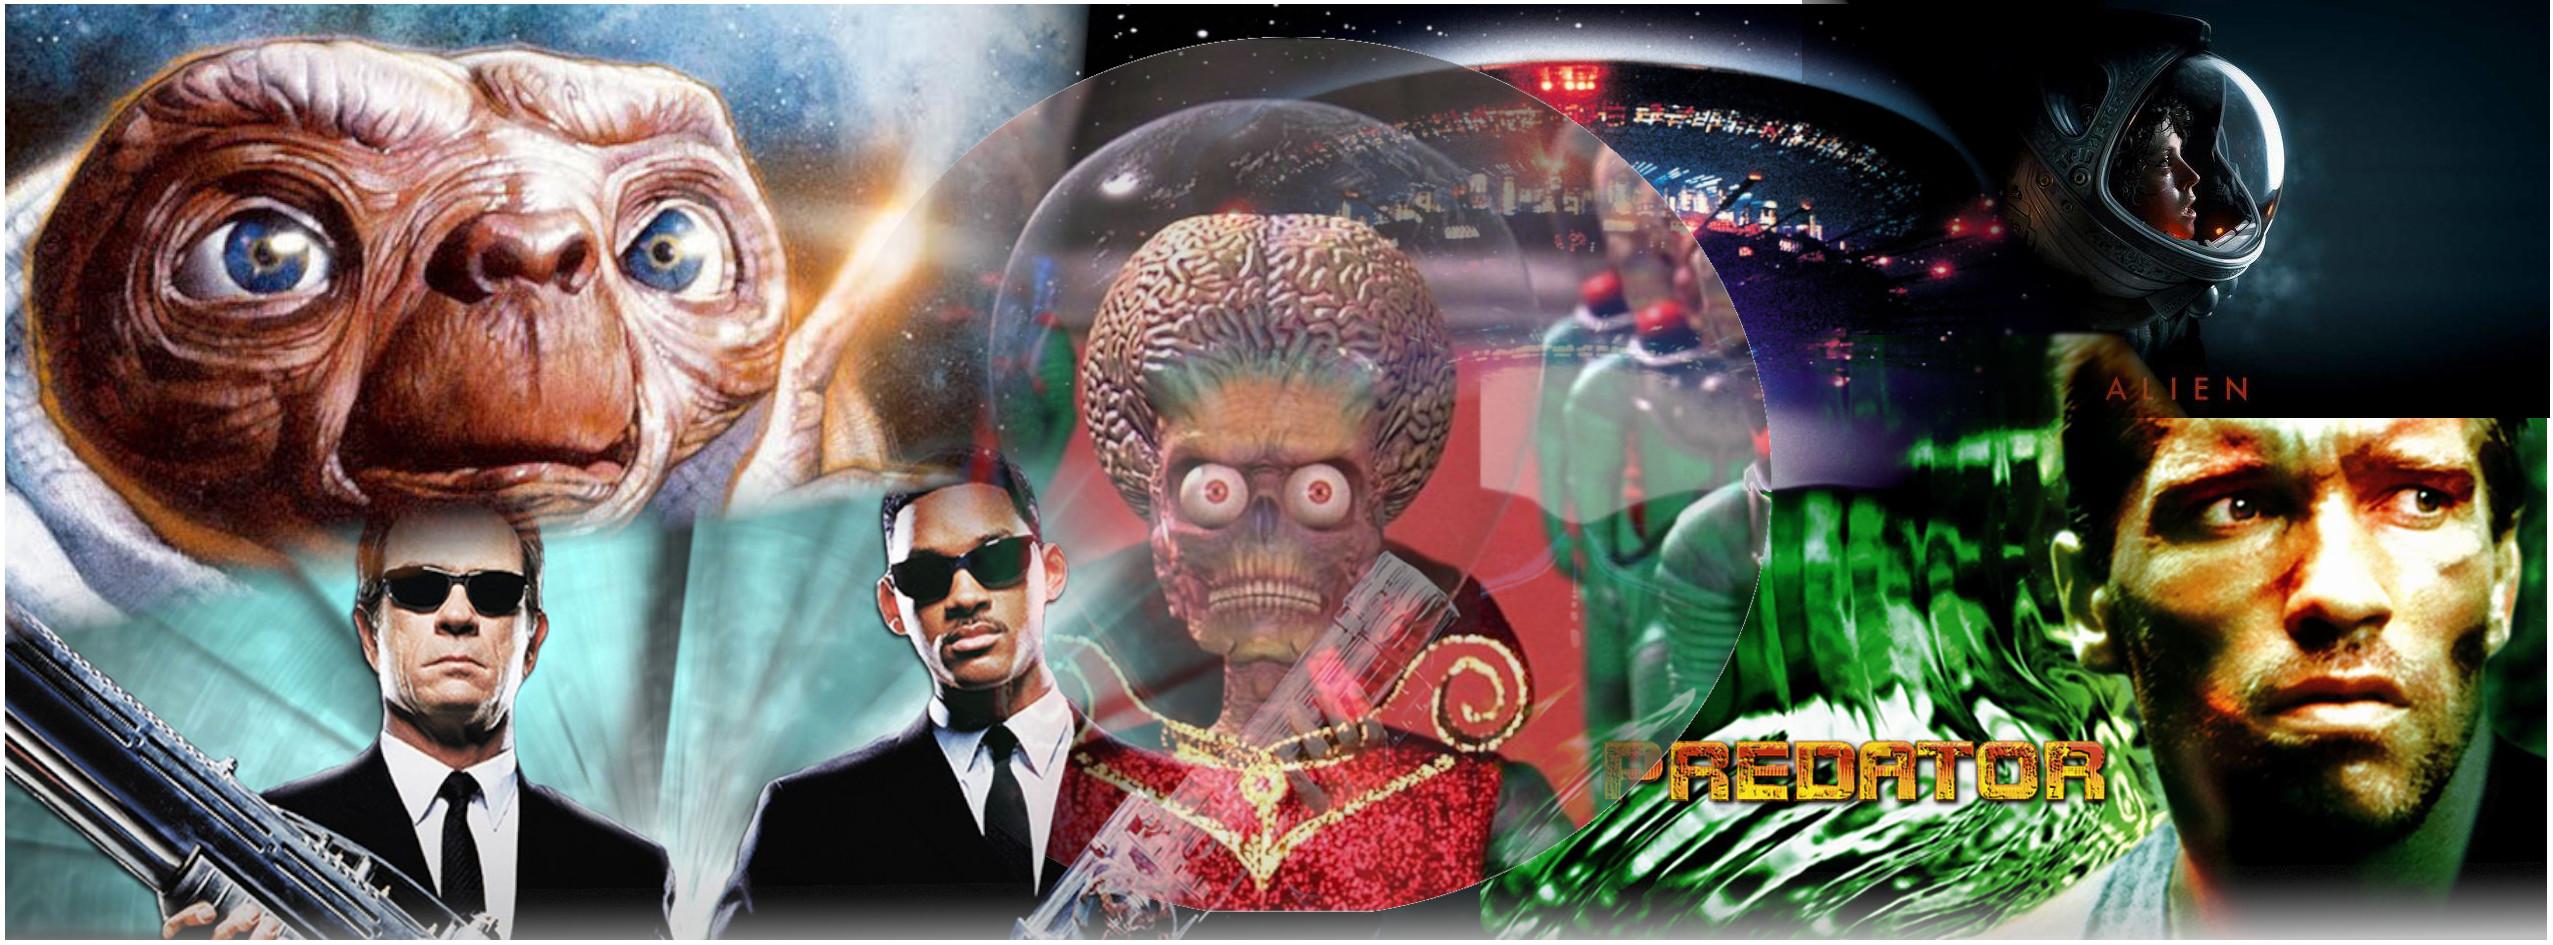 las mejores películas de extraterrestres y aliens de toda la historia